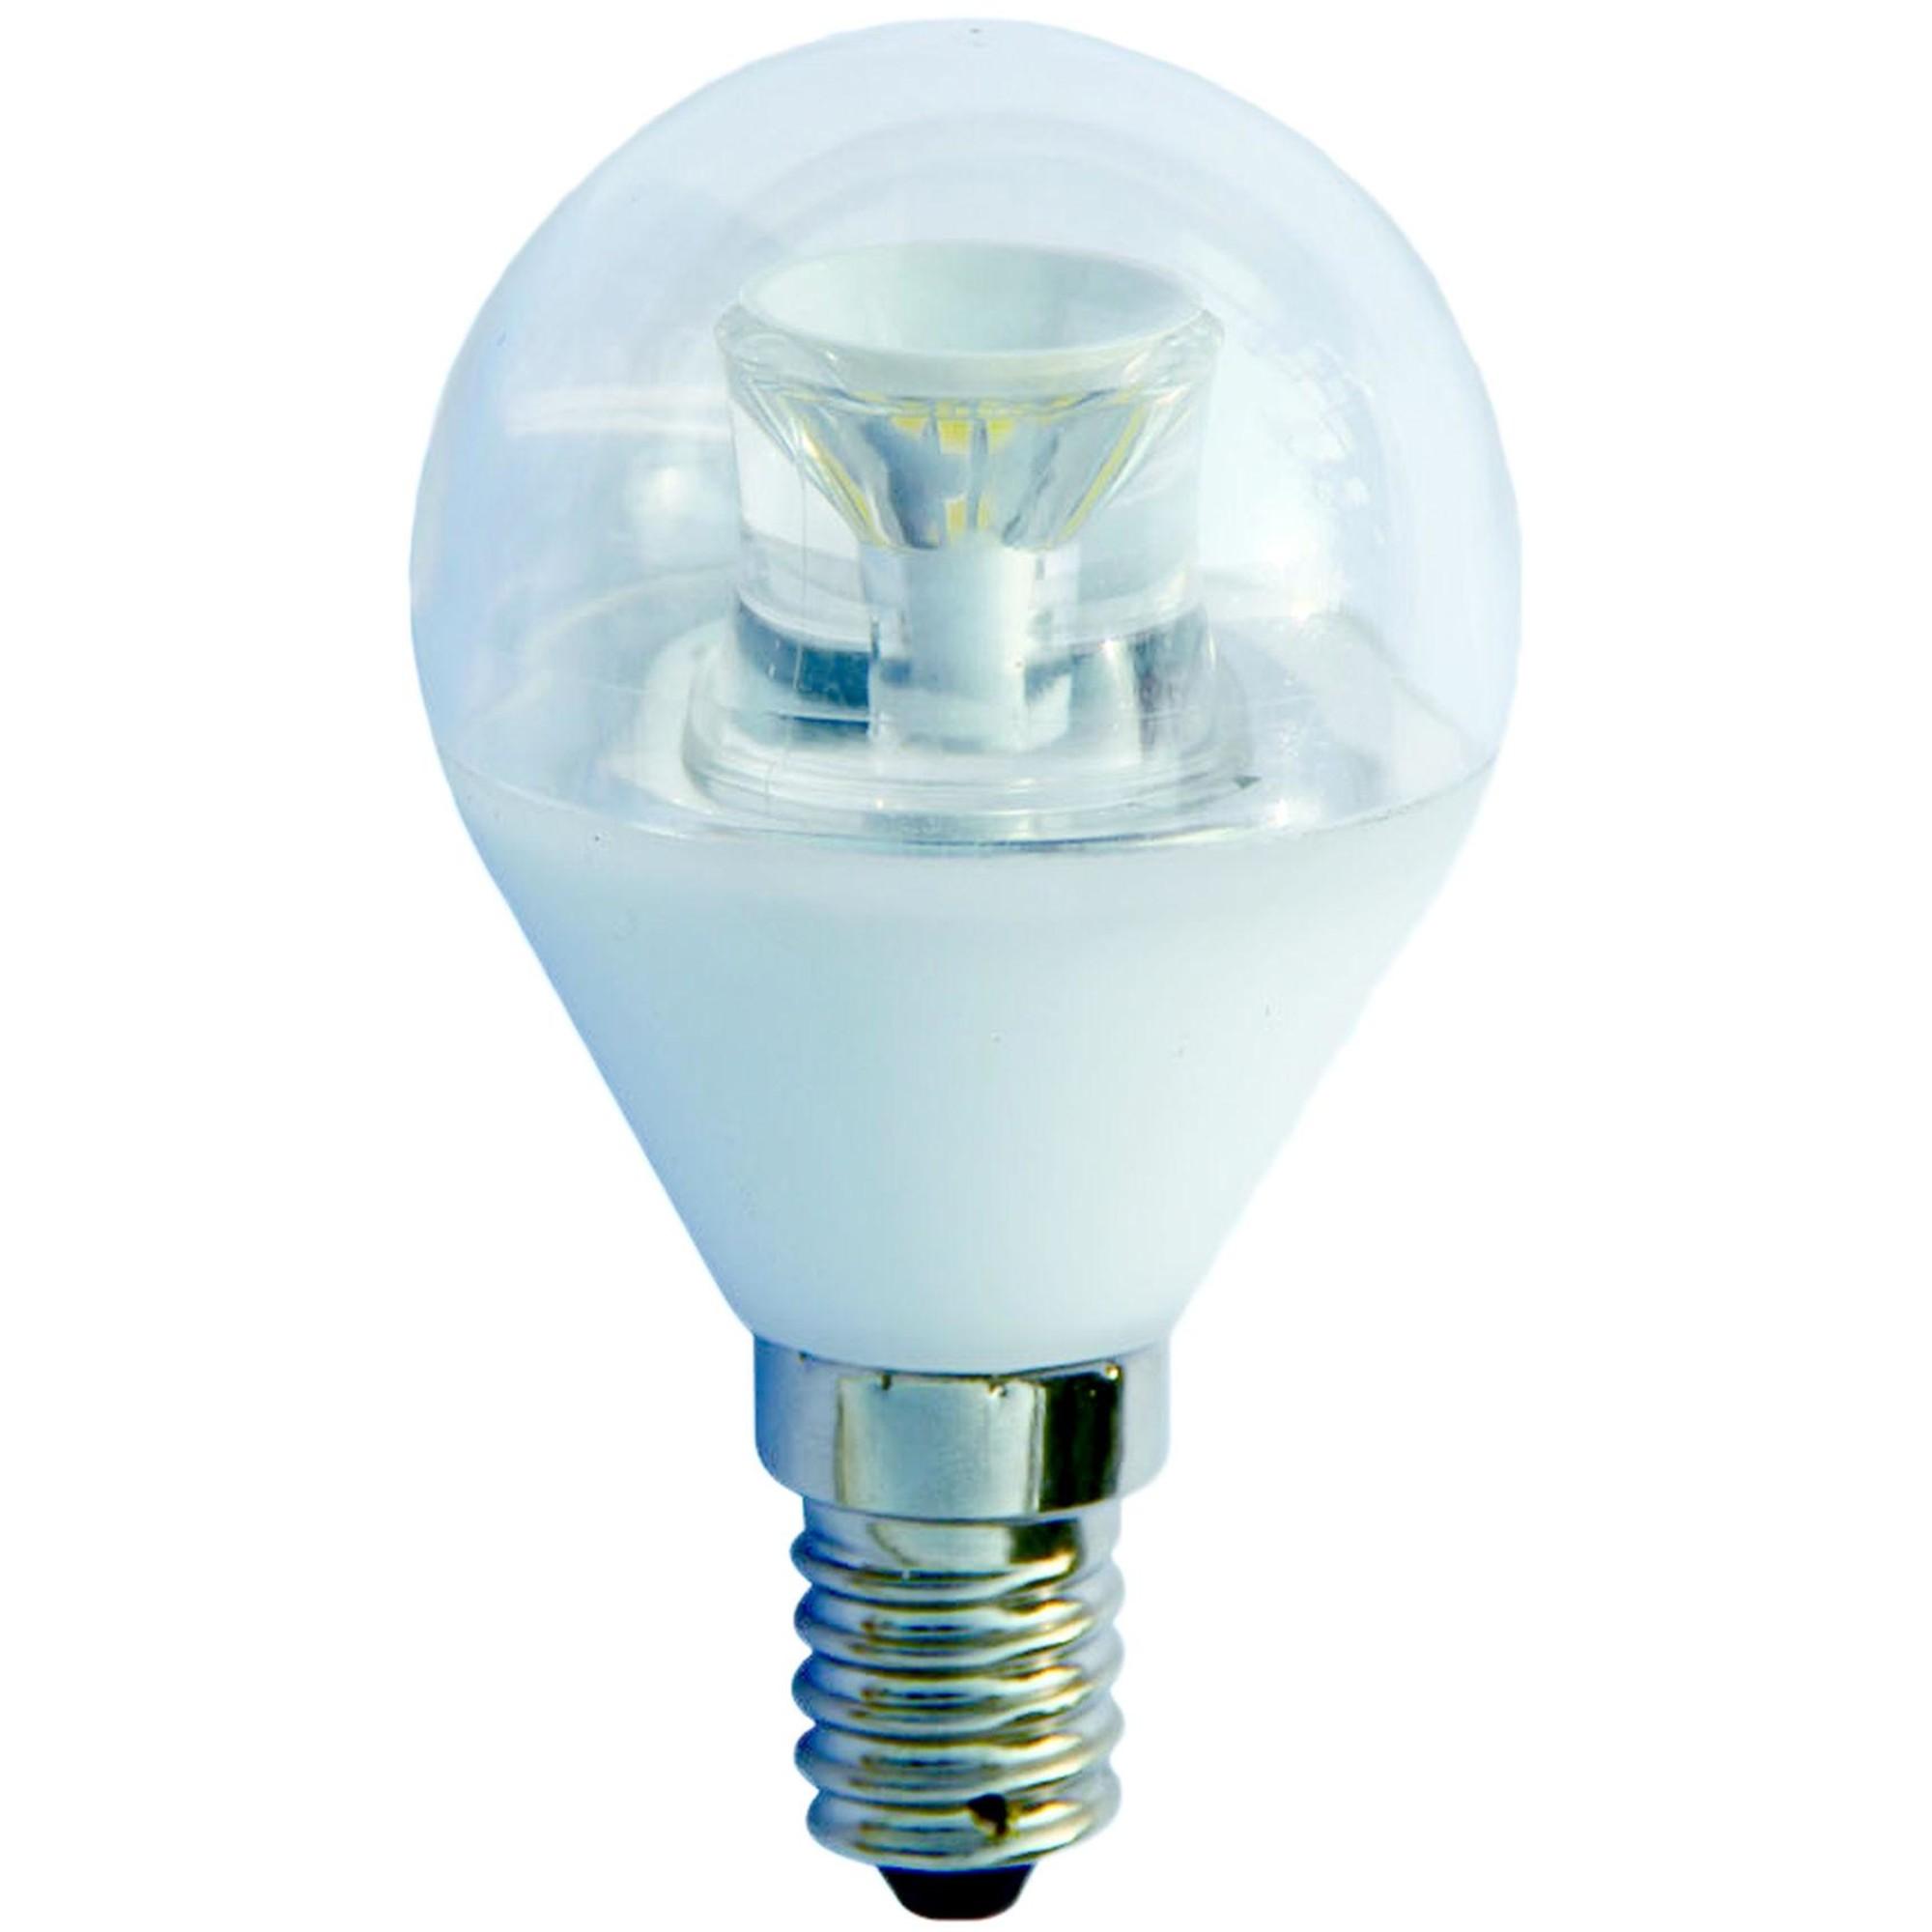 Лампа Ecola Premium светодионая E14 7 Вт шар 595 Лм нейтральный свет